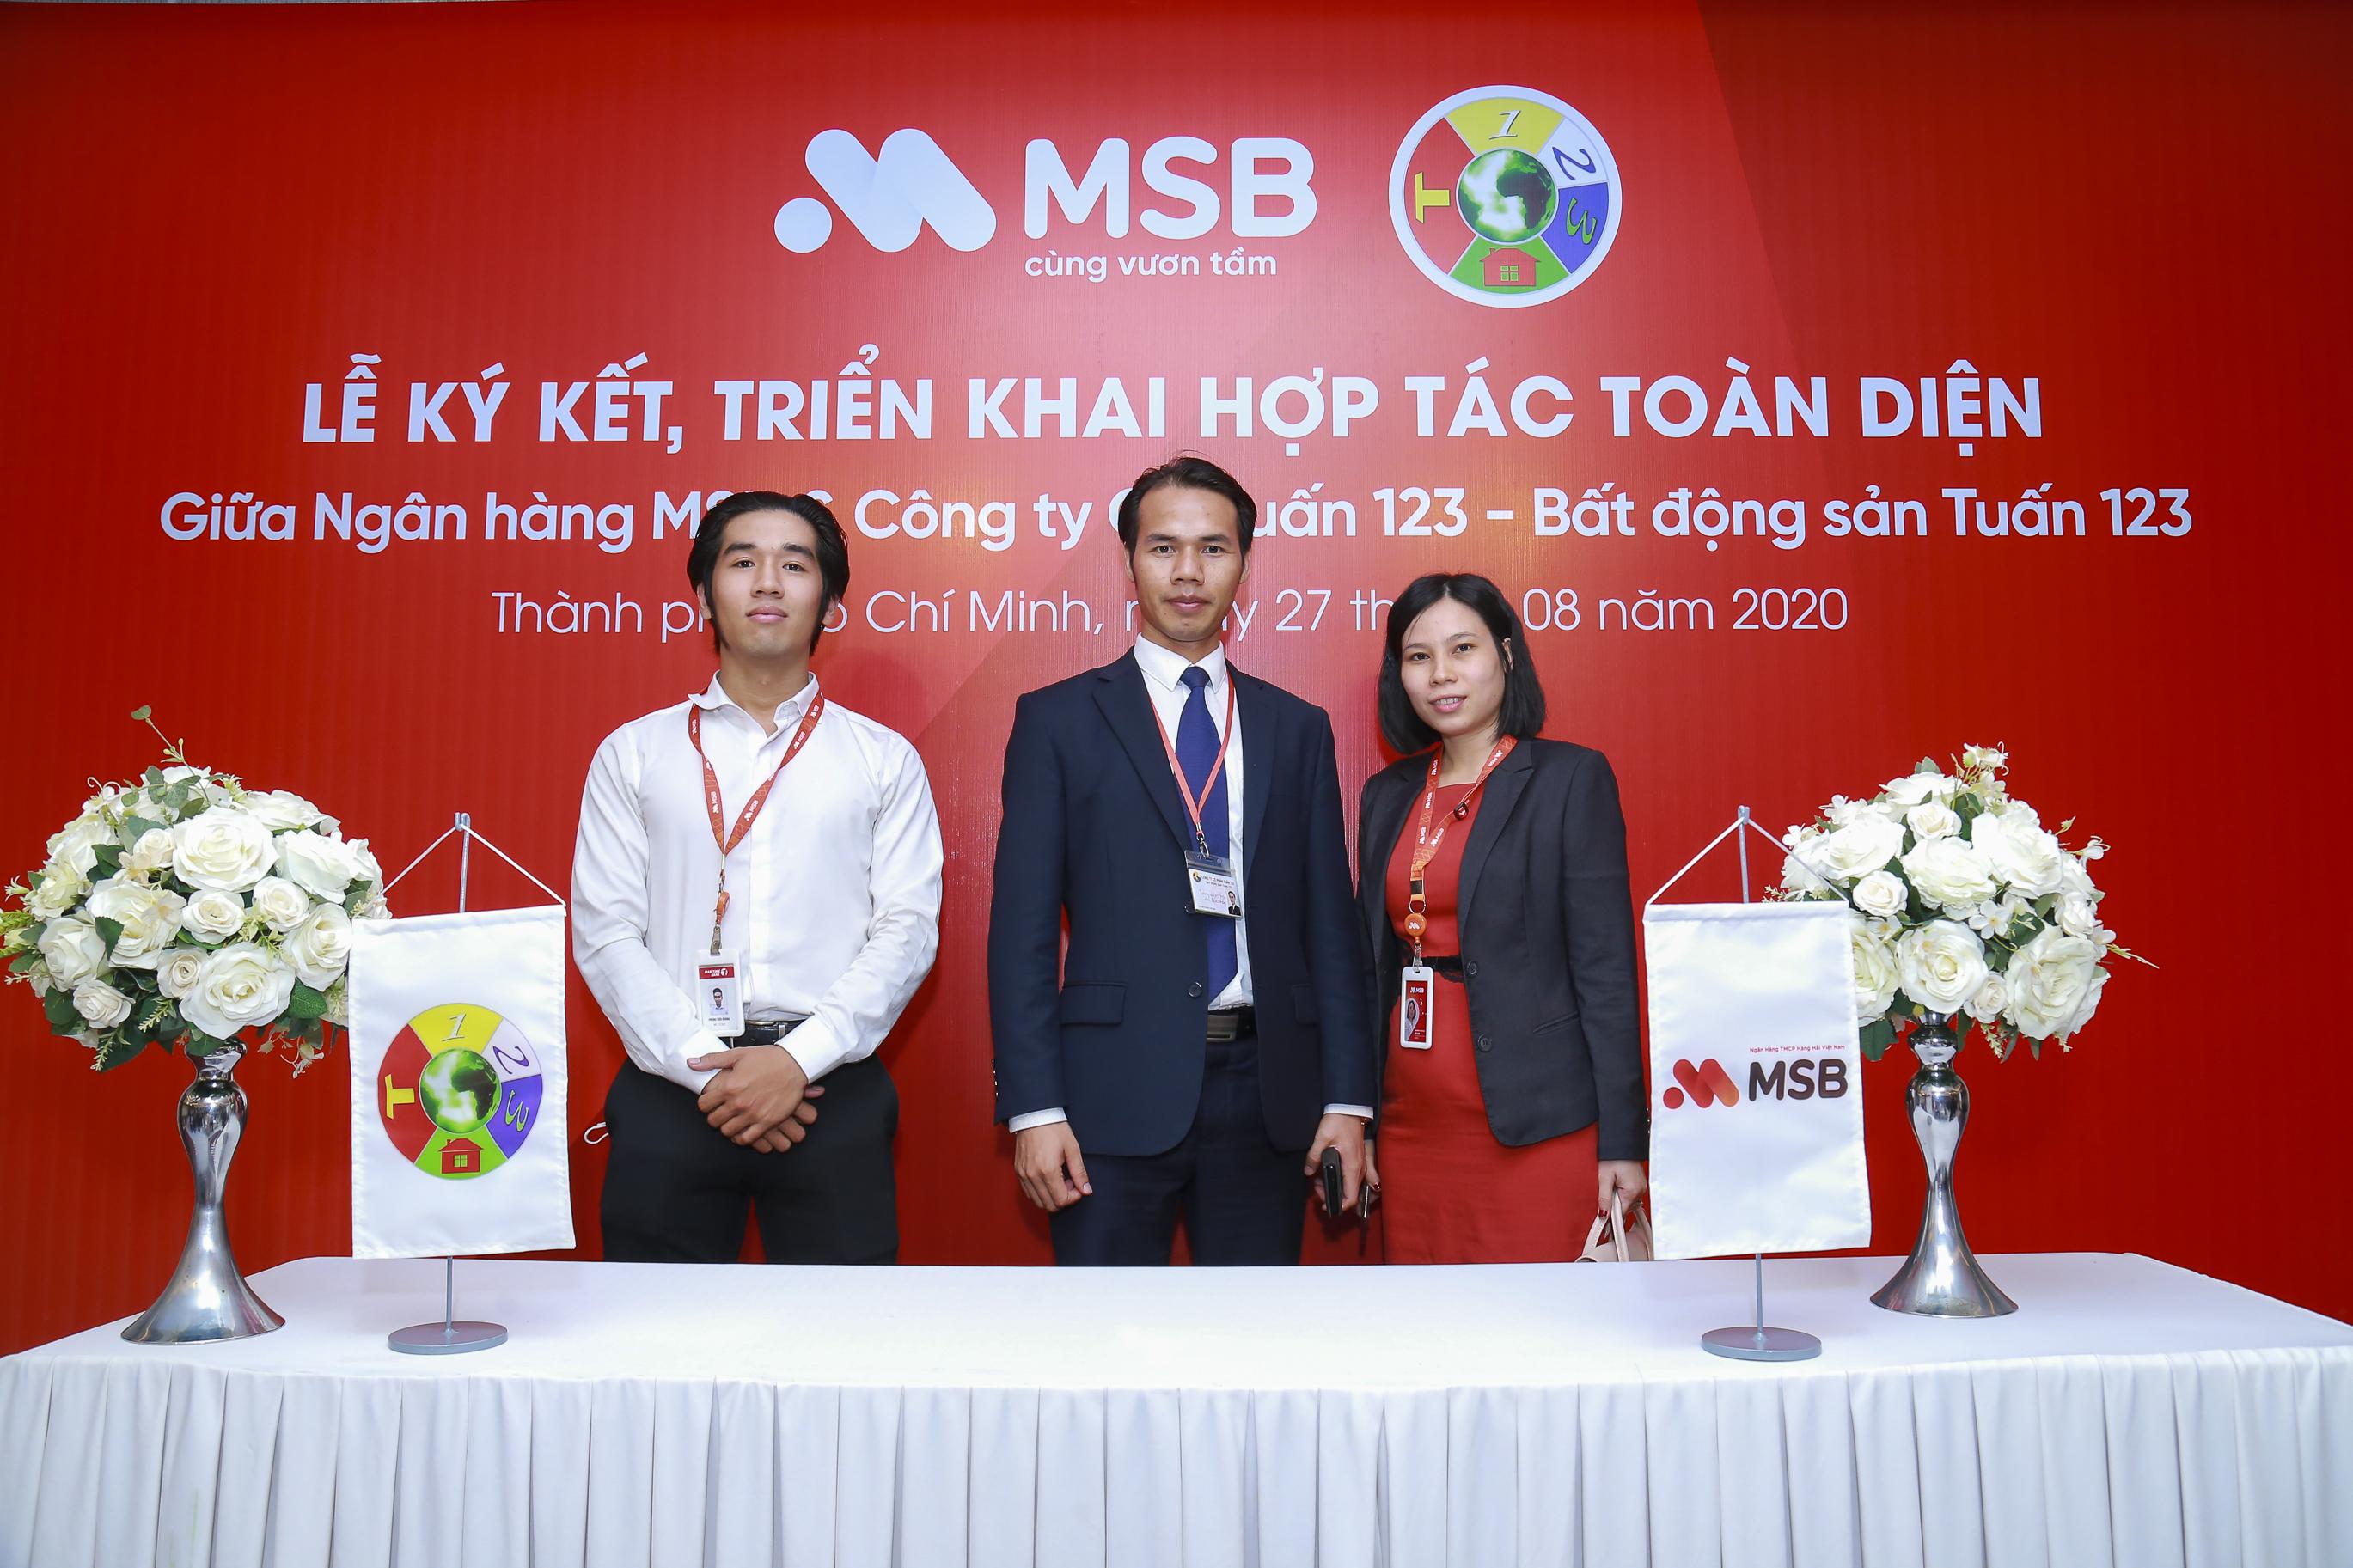 Bất động sản Tuấn 123 ký hợp đồng hợp tác toàn diện với ngân hàng MSB